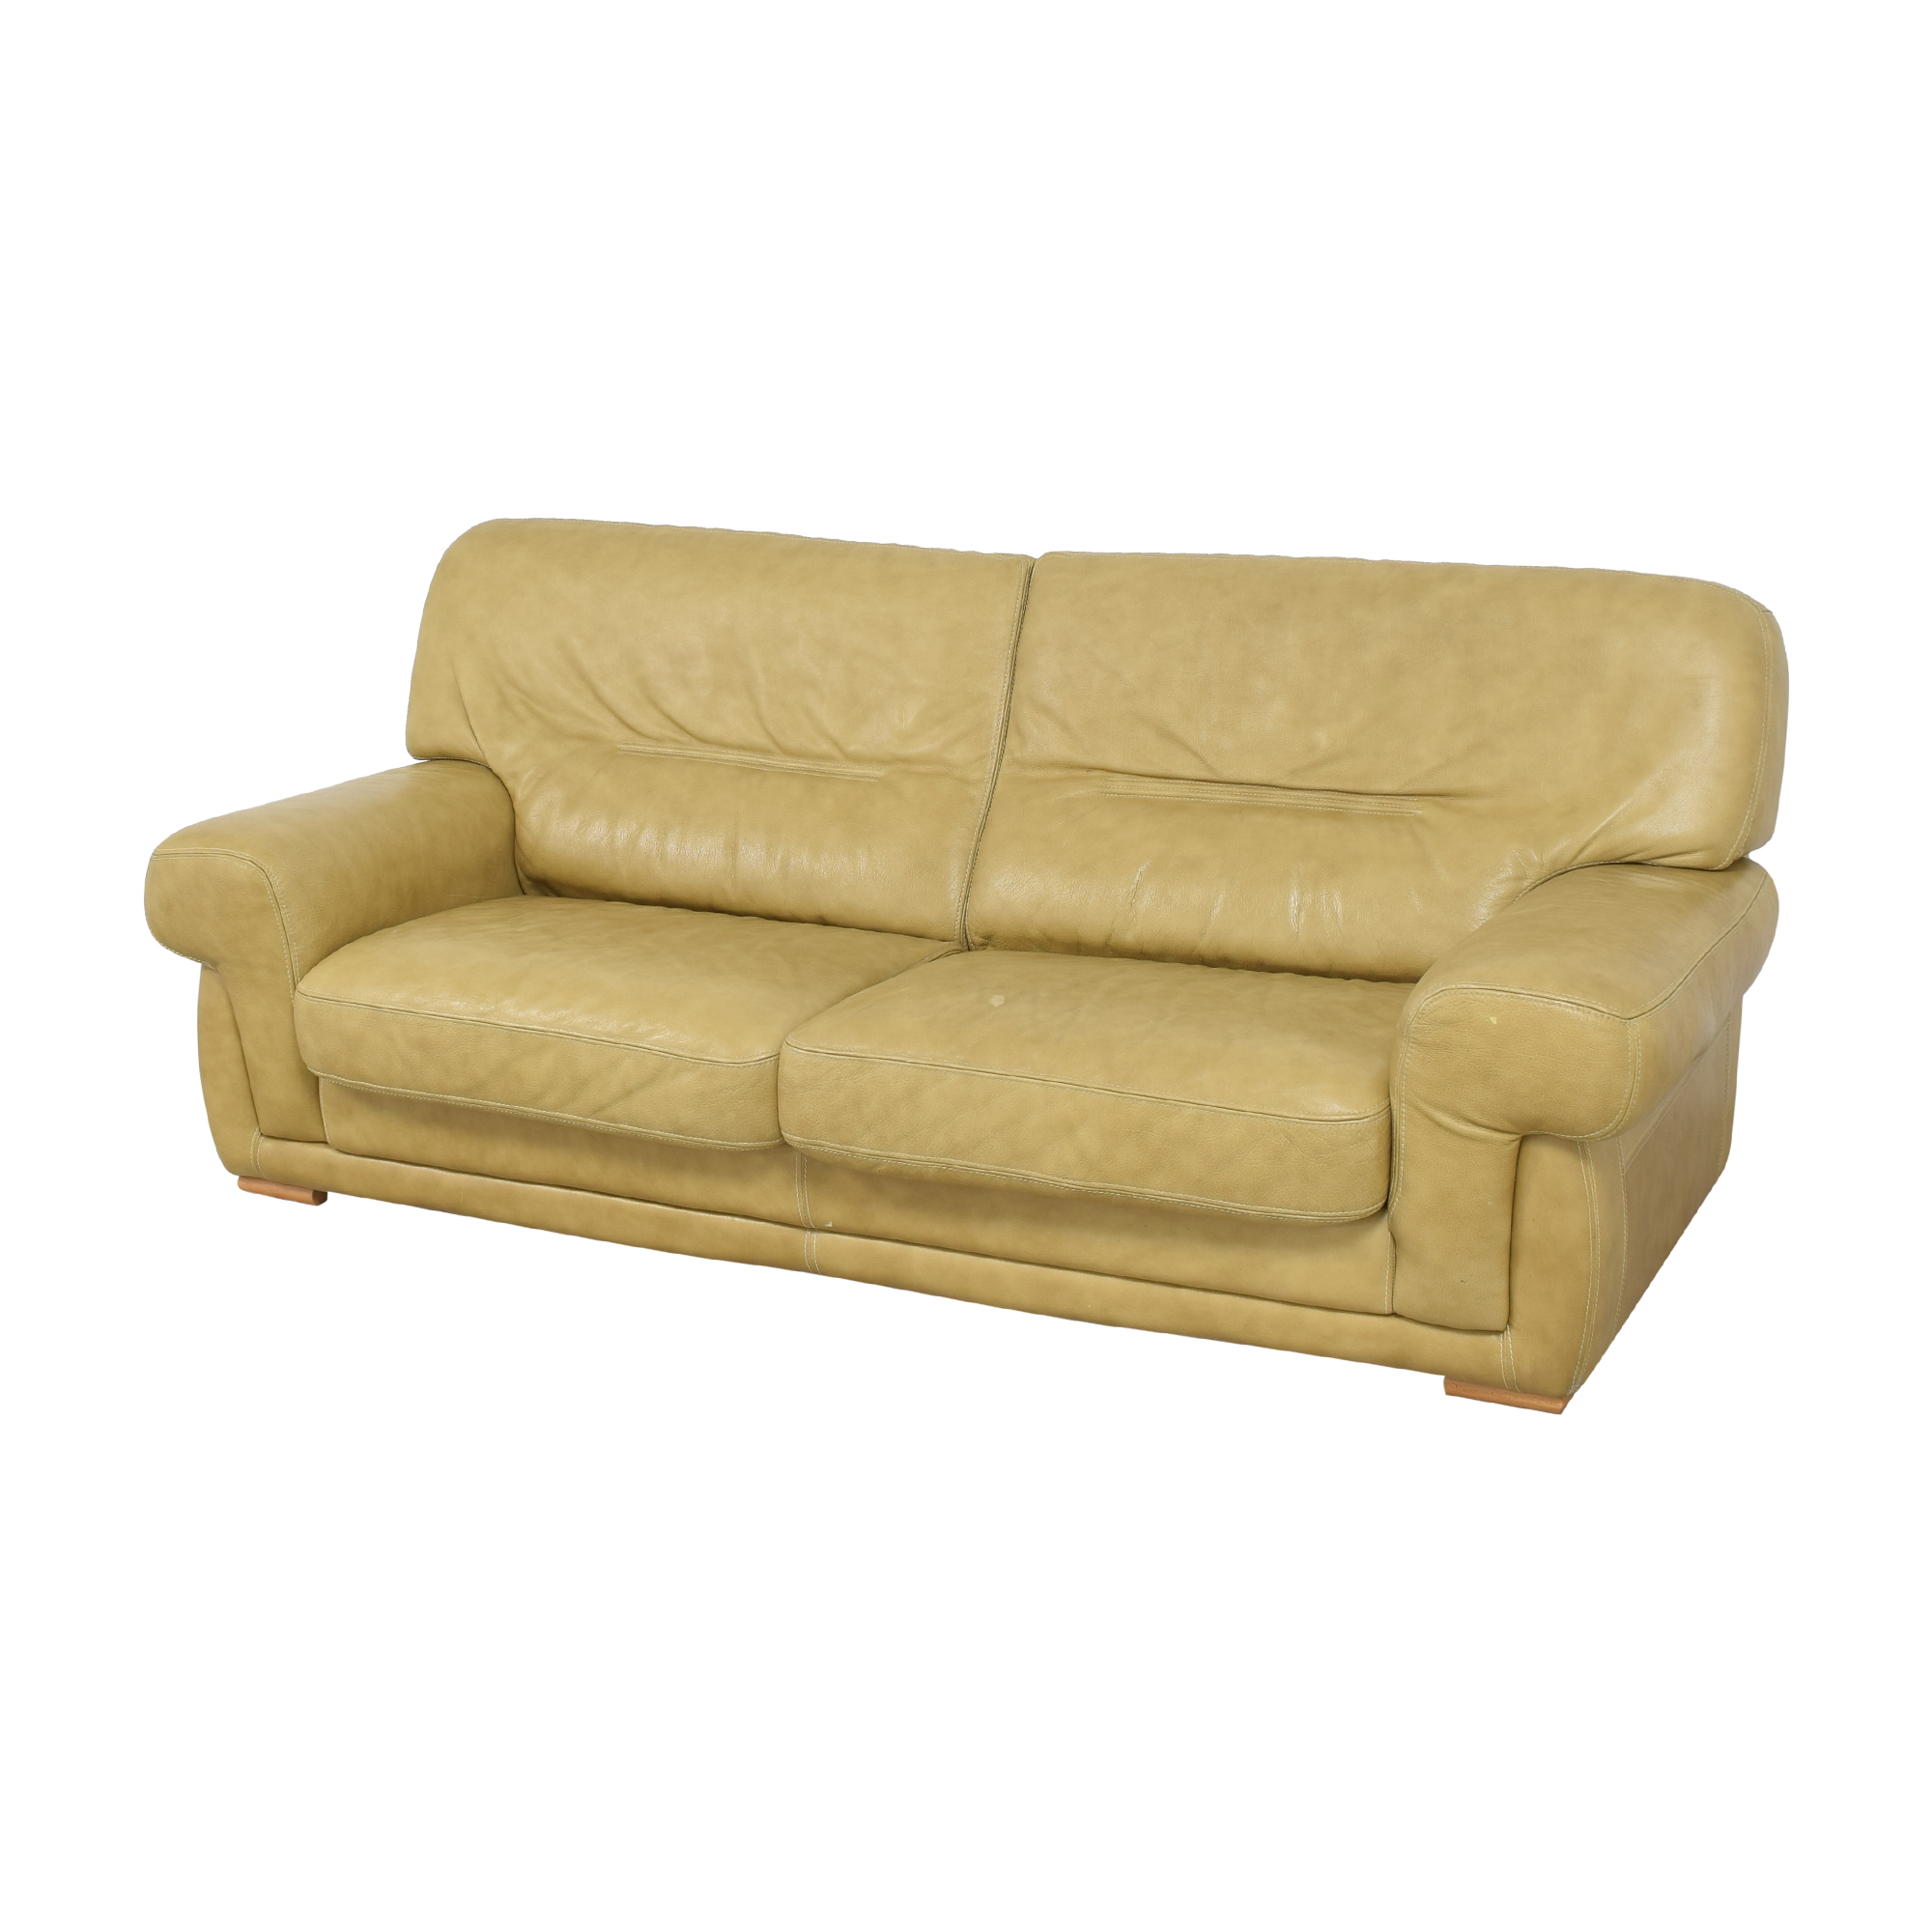 Formitalia Formitalia Two Cushion Sofa Classic Sofas